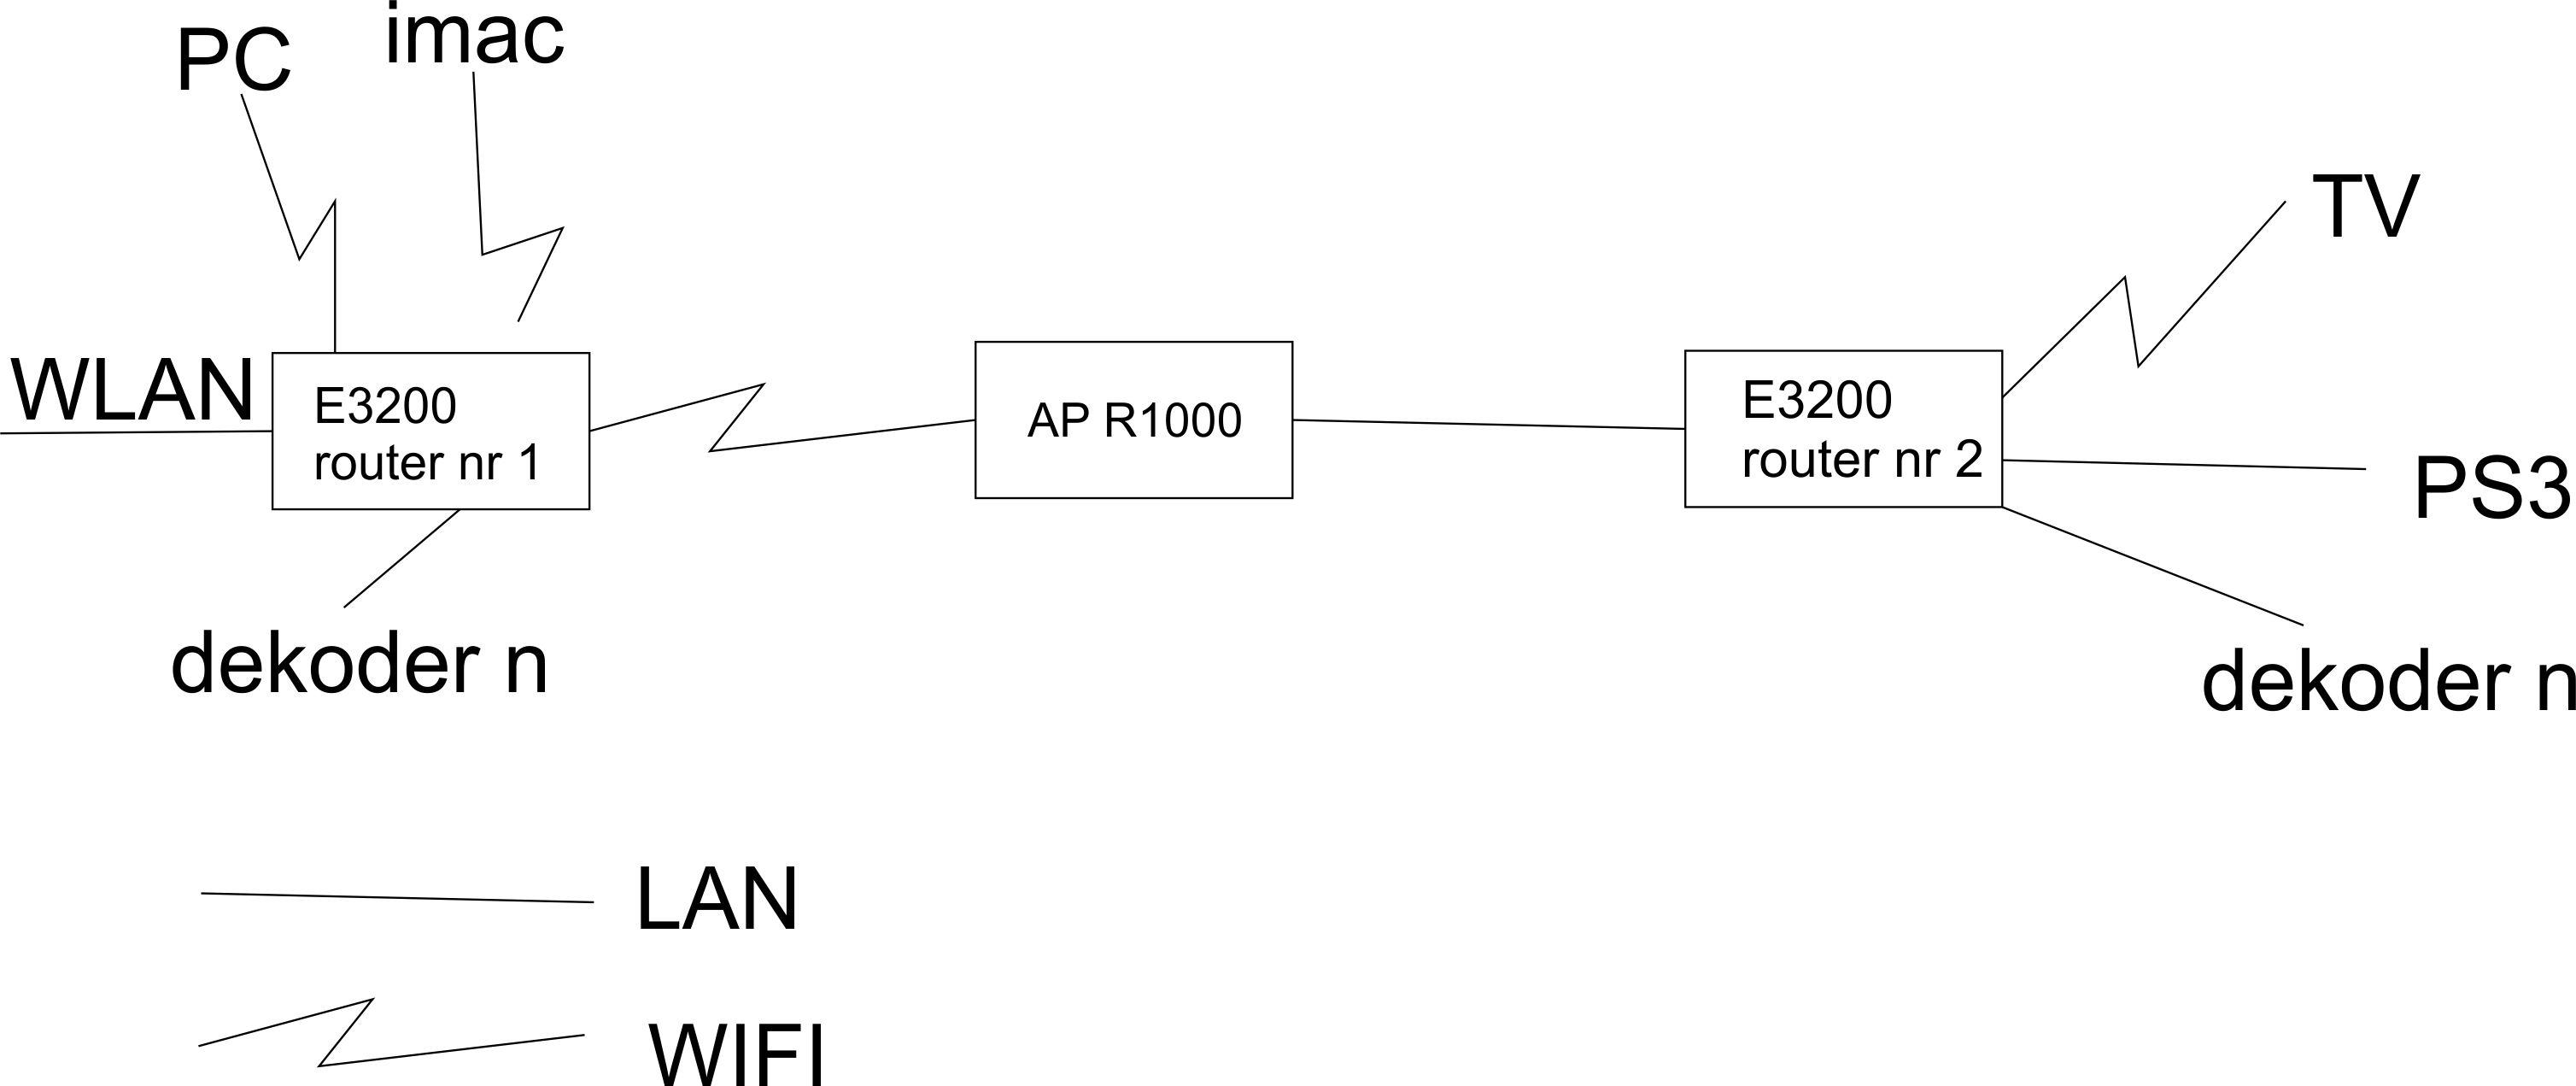 dwa routery linksys E3200 +wrt320n jak po��czy�